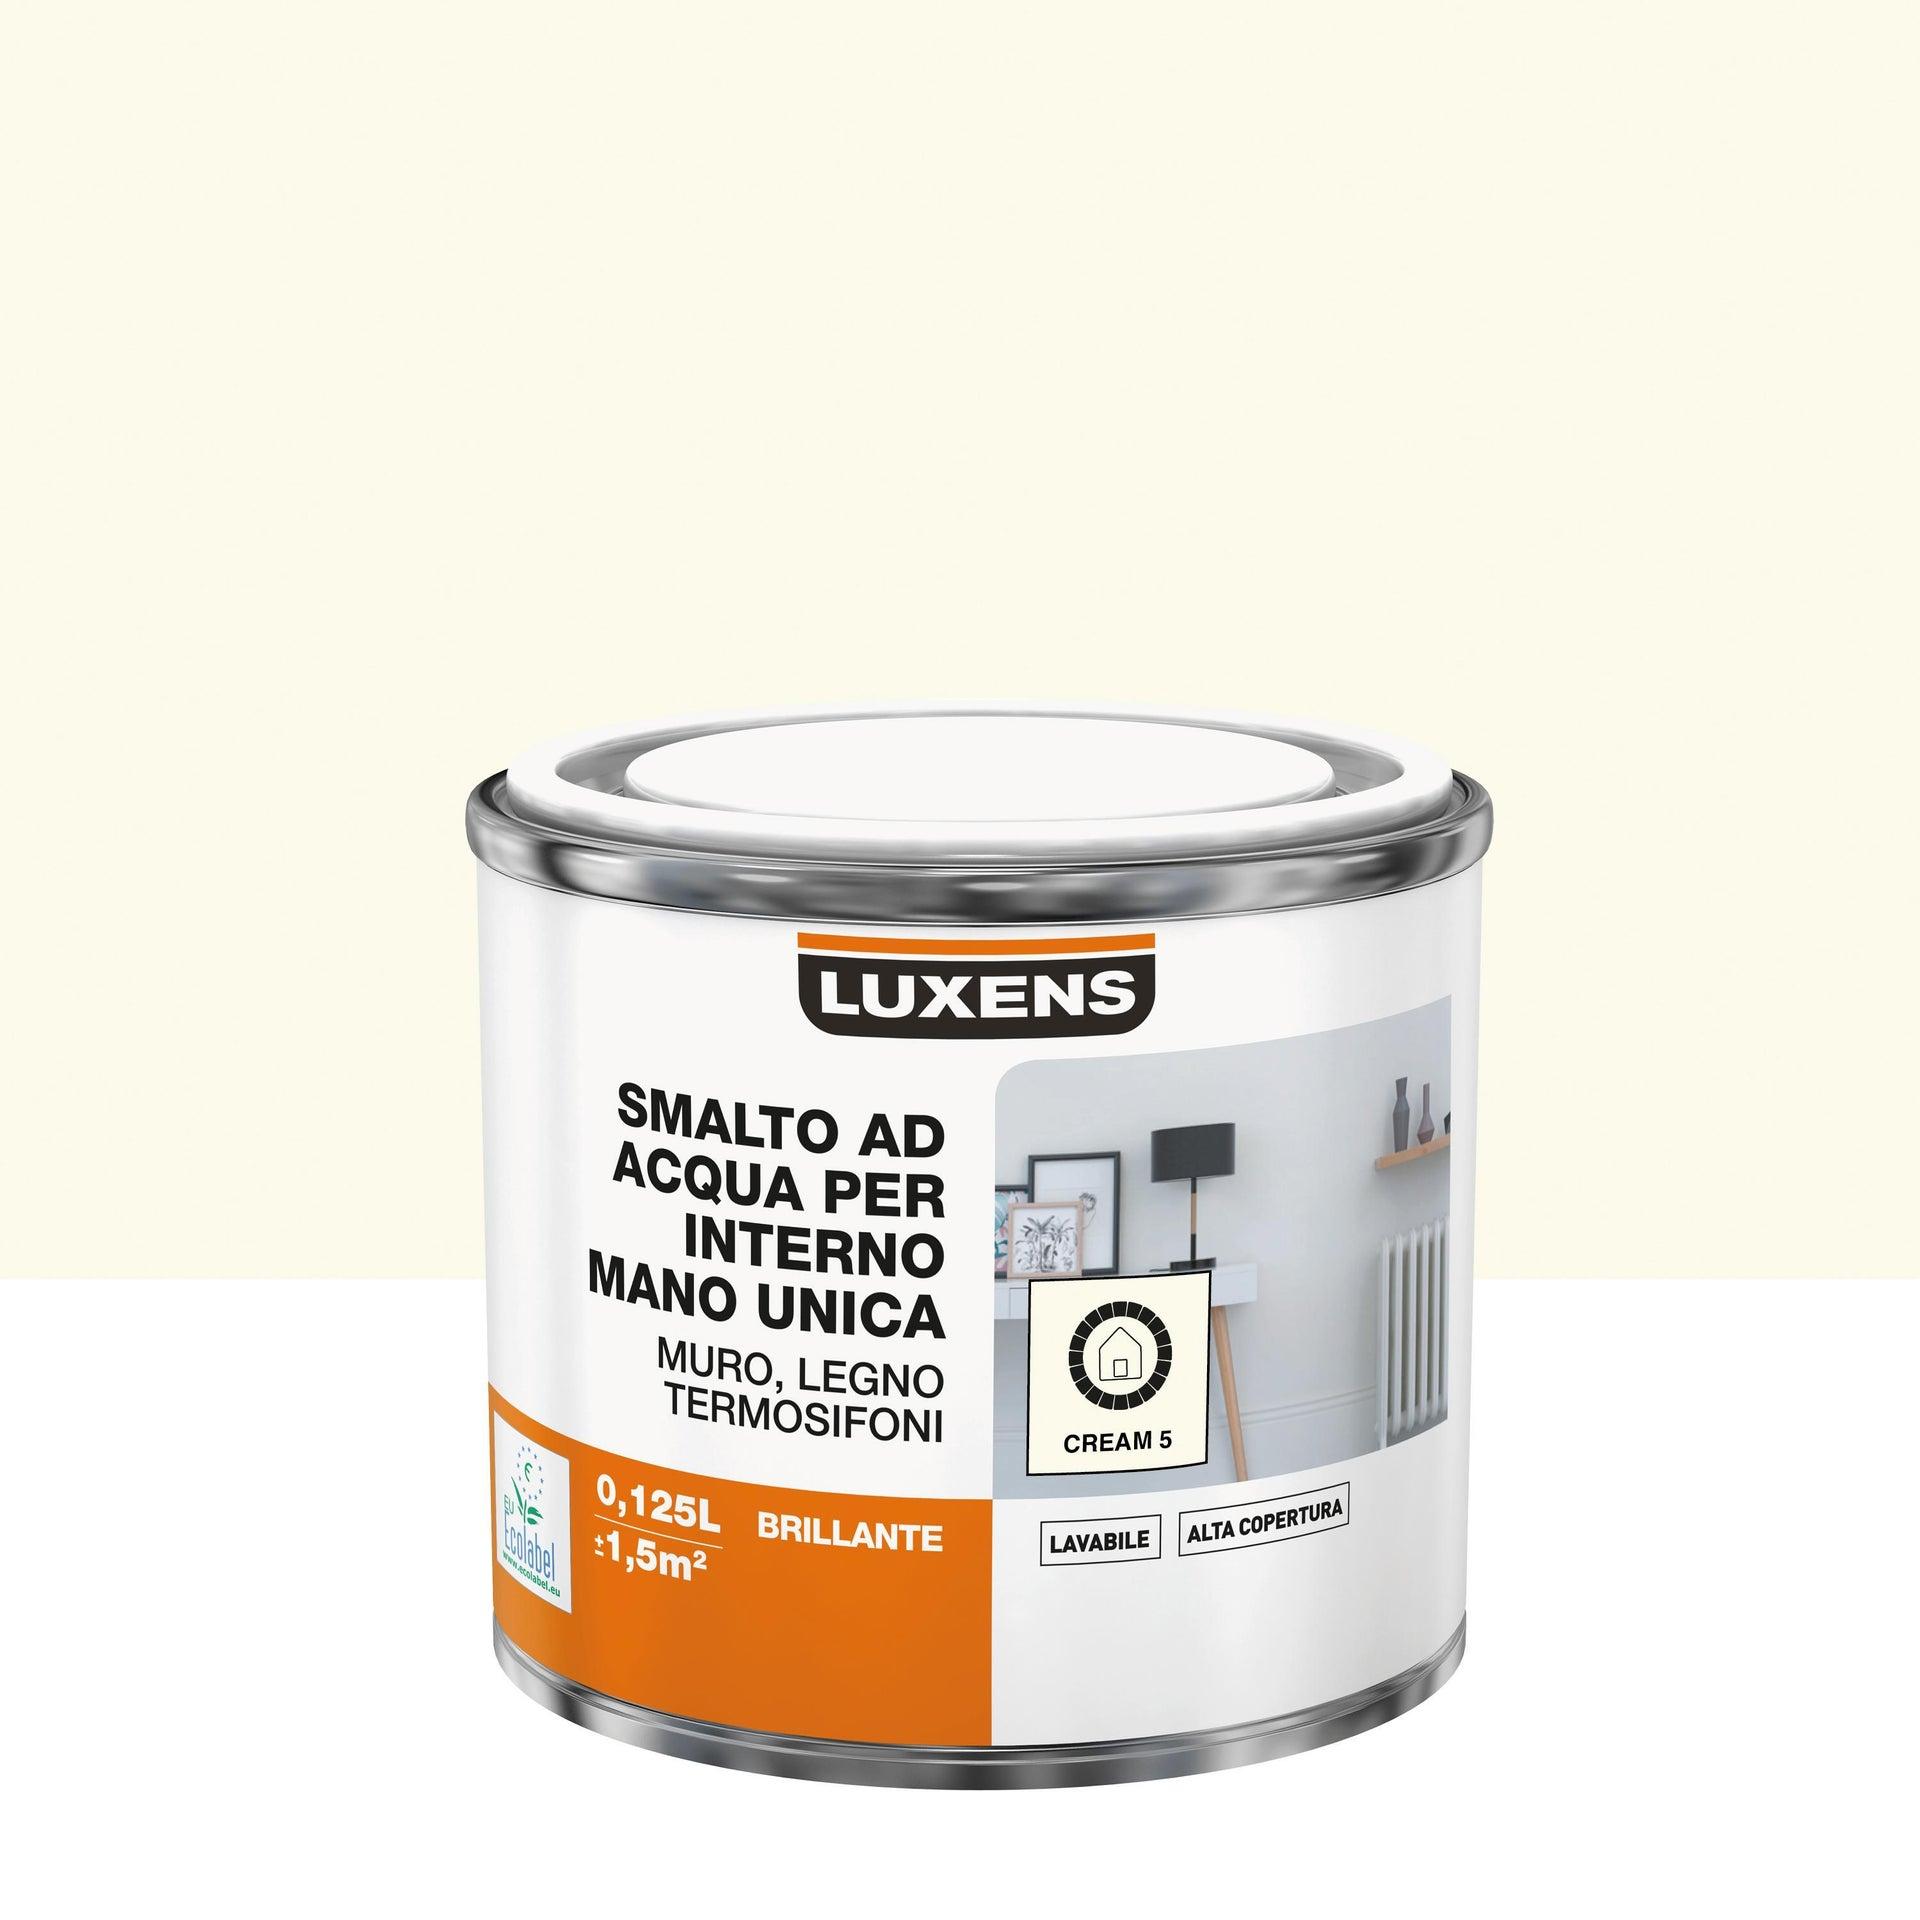 Vernice di finitura LUXENS Manounica base acqua bianco crema 5 lucido 0.125 L - 1